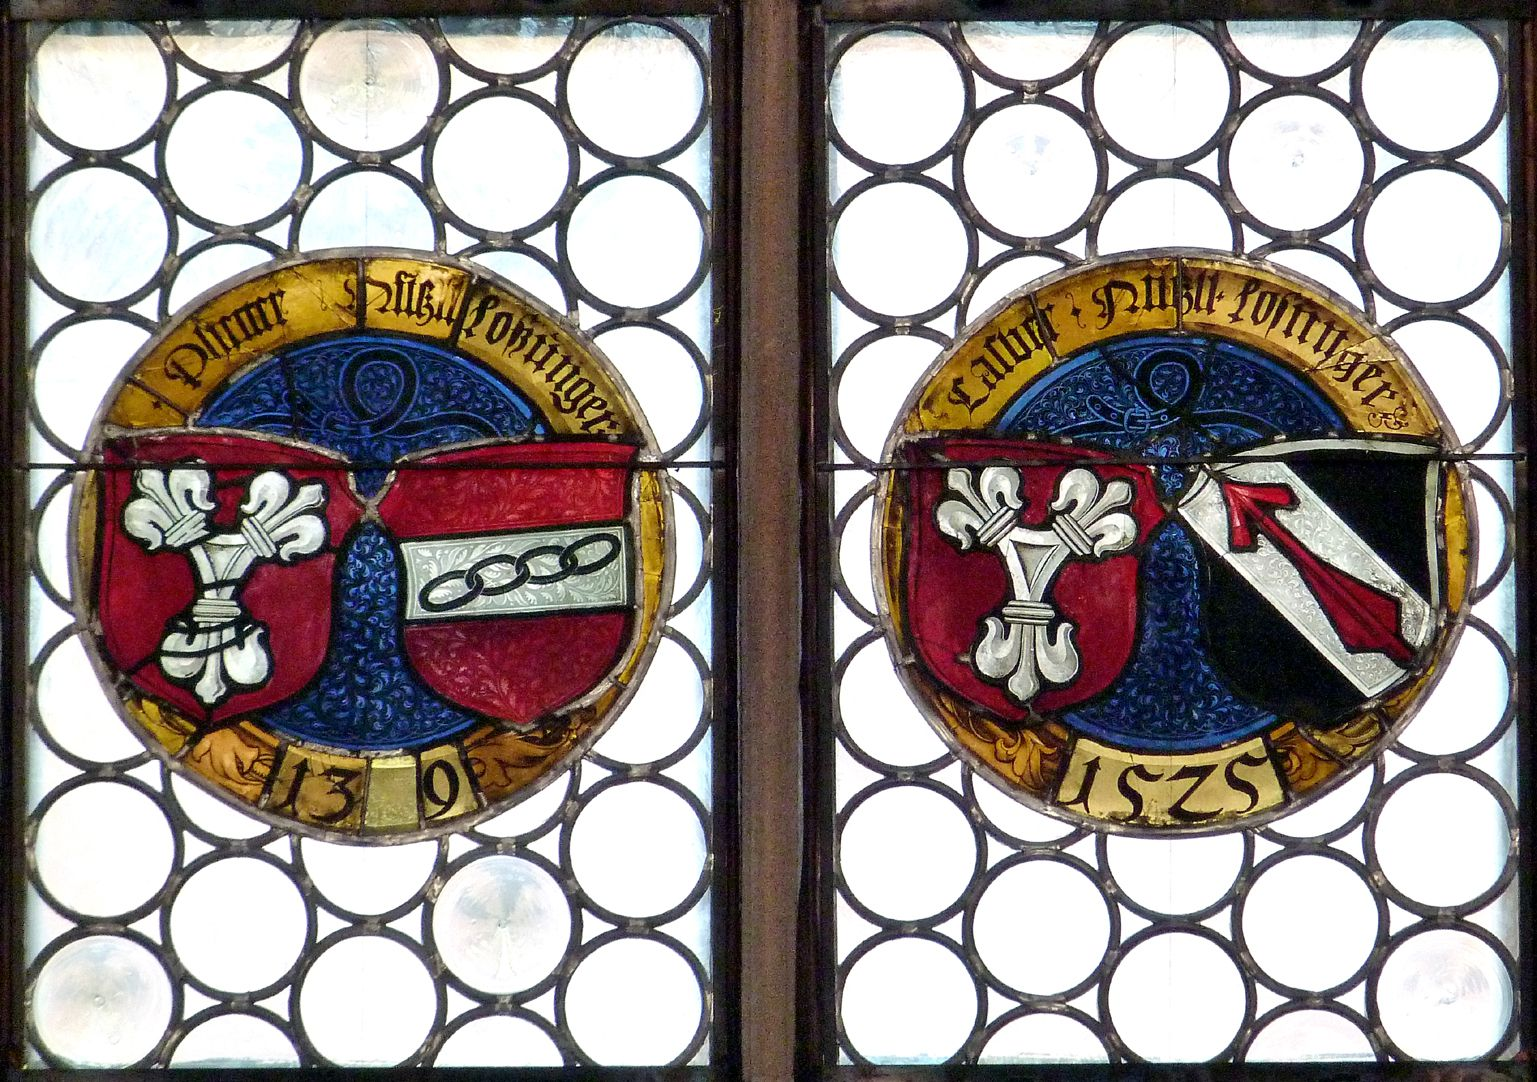 Hirschvogelfenster Reihe runder Allianzwappenscheiben, linke Hälfte